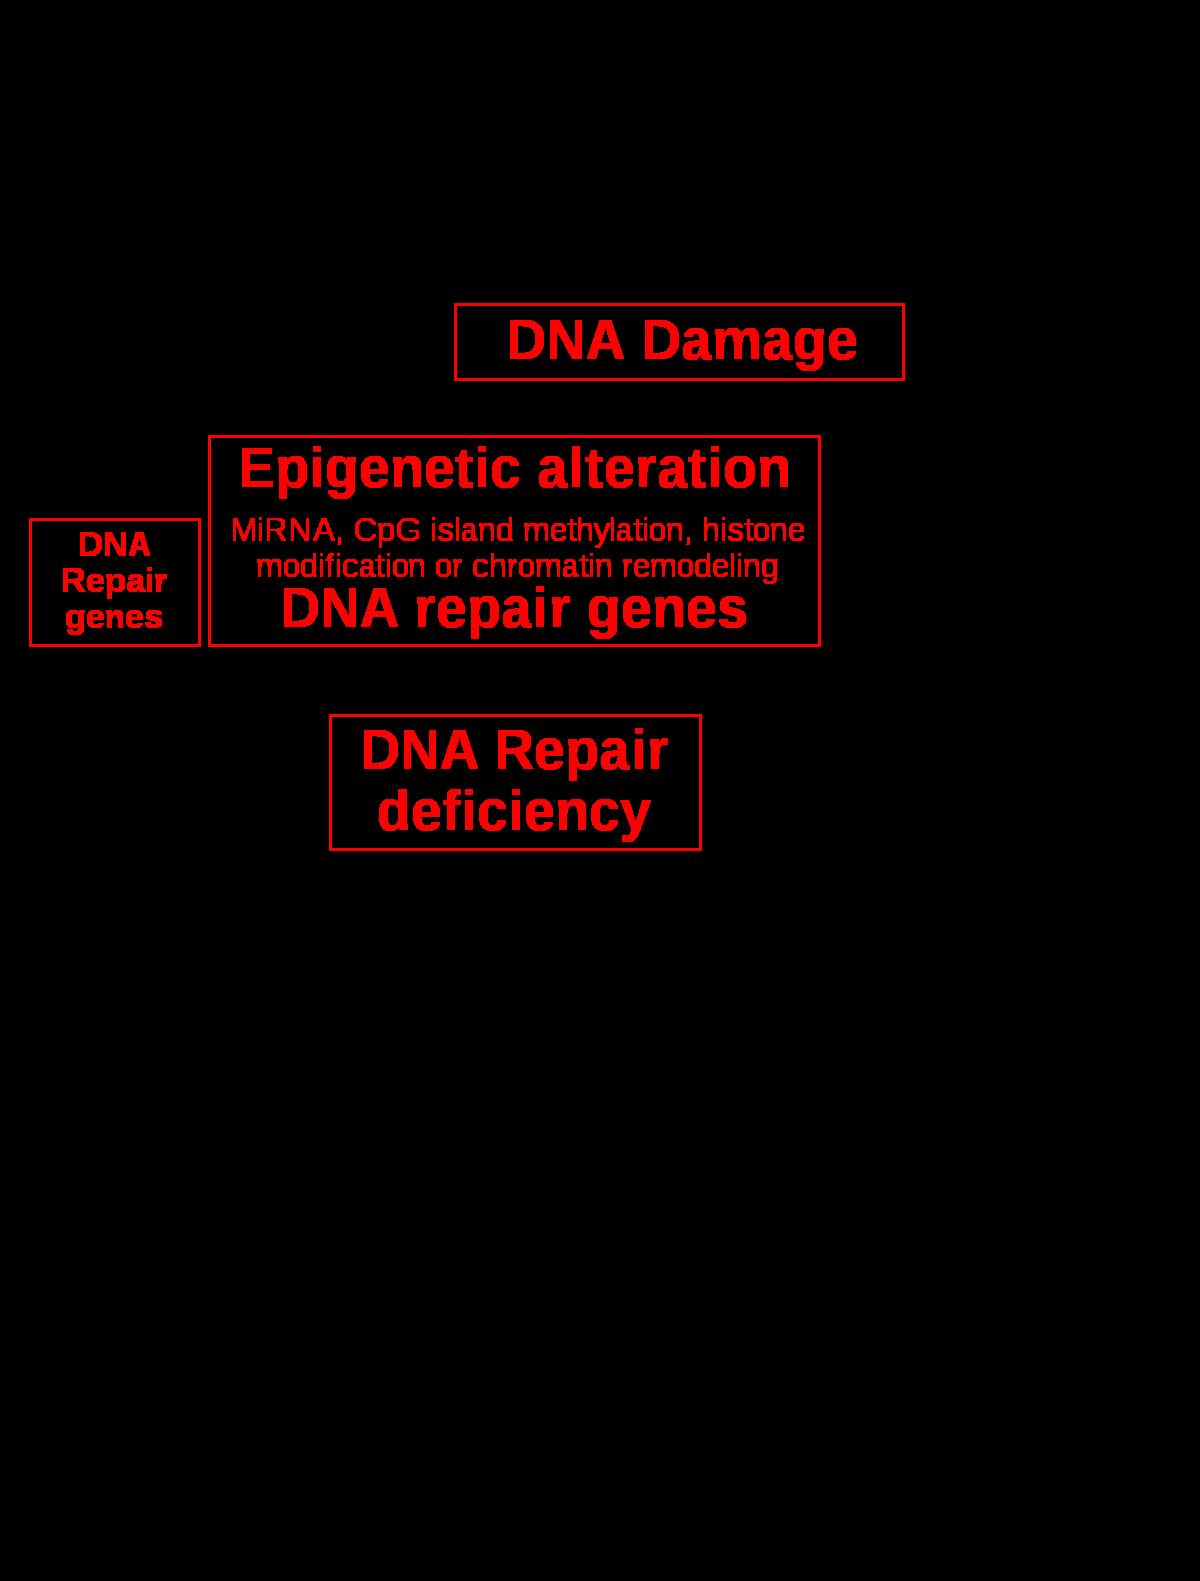 Népegészségügyi genomika | Digitális Tankönyvtár